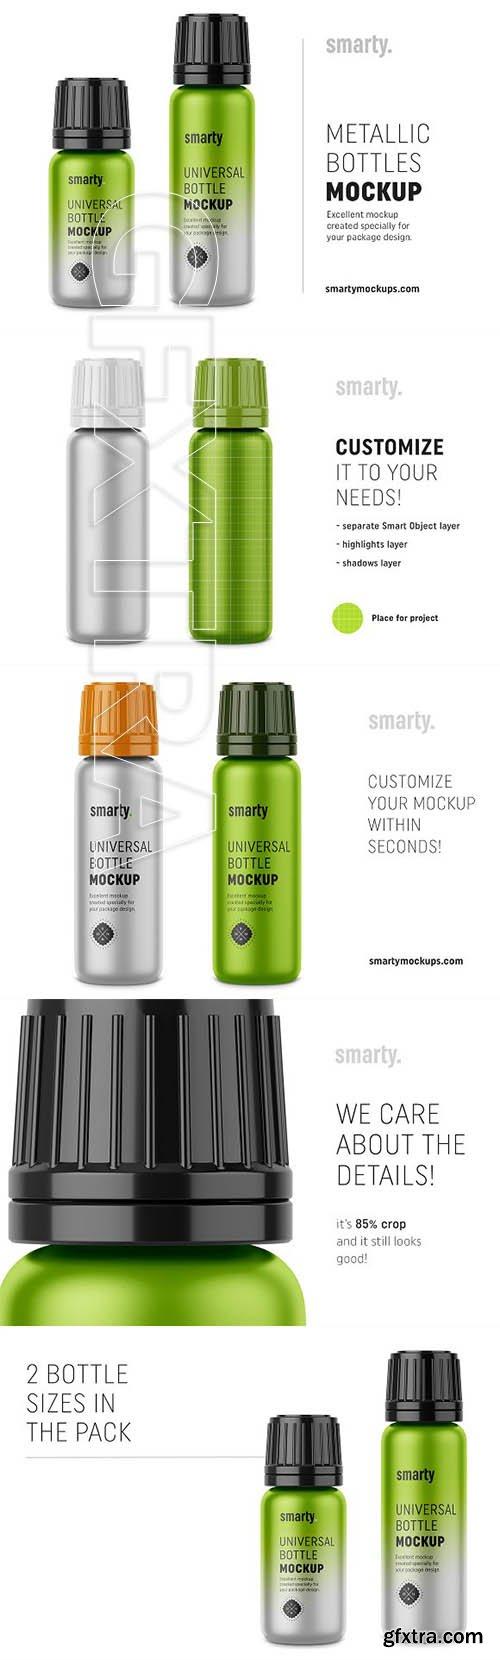 CreativeMarket - Metallic bottle mockups 3362280